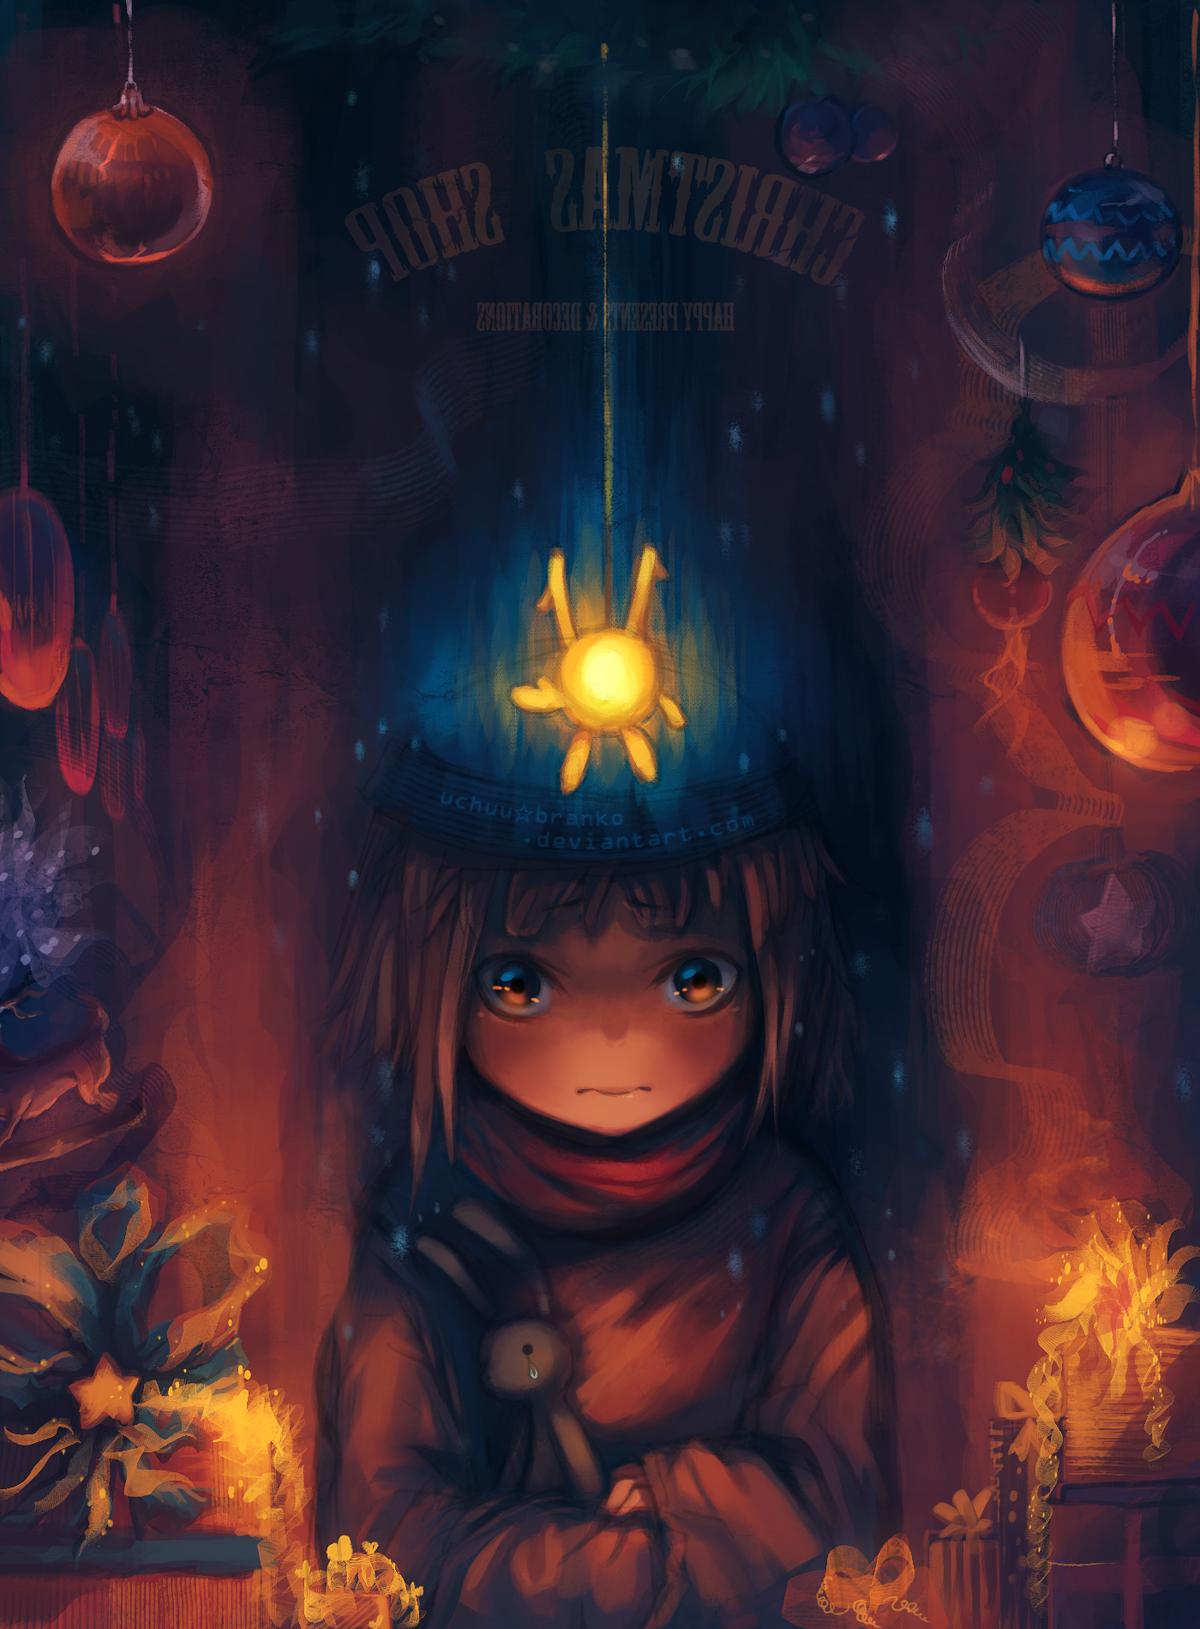 little glowing hopes by uchuubranko